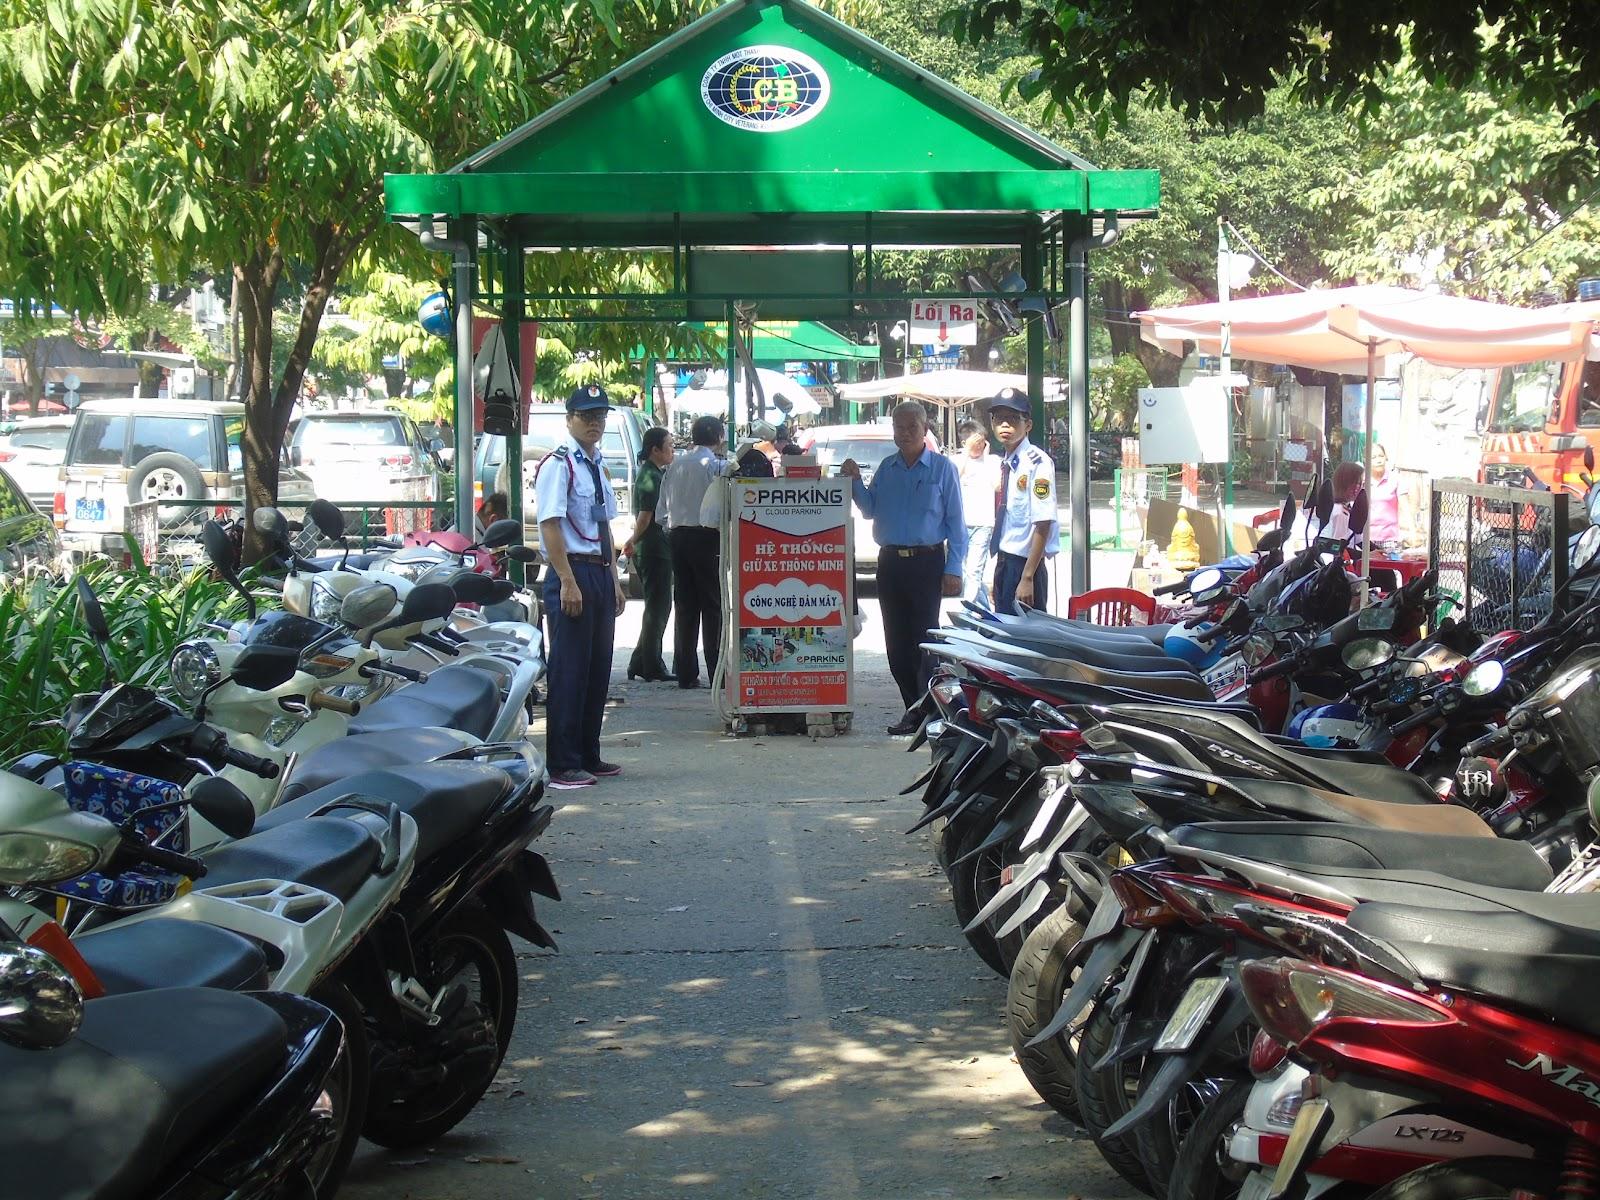 Bảo vệ giữ xe, đảm bảo an toàn tài sản cá nhân cho khách hàng